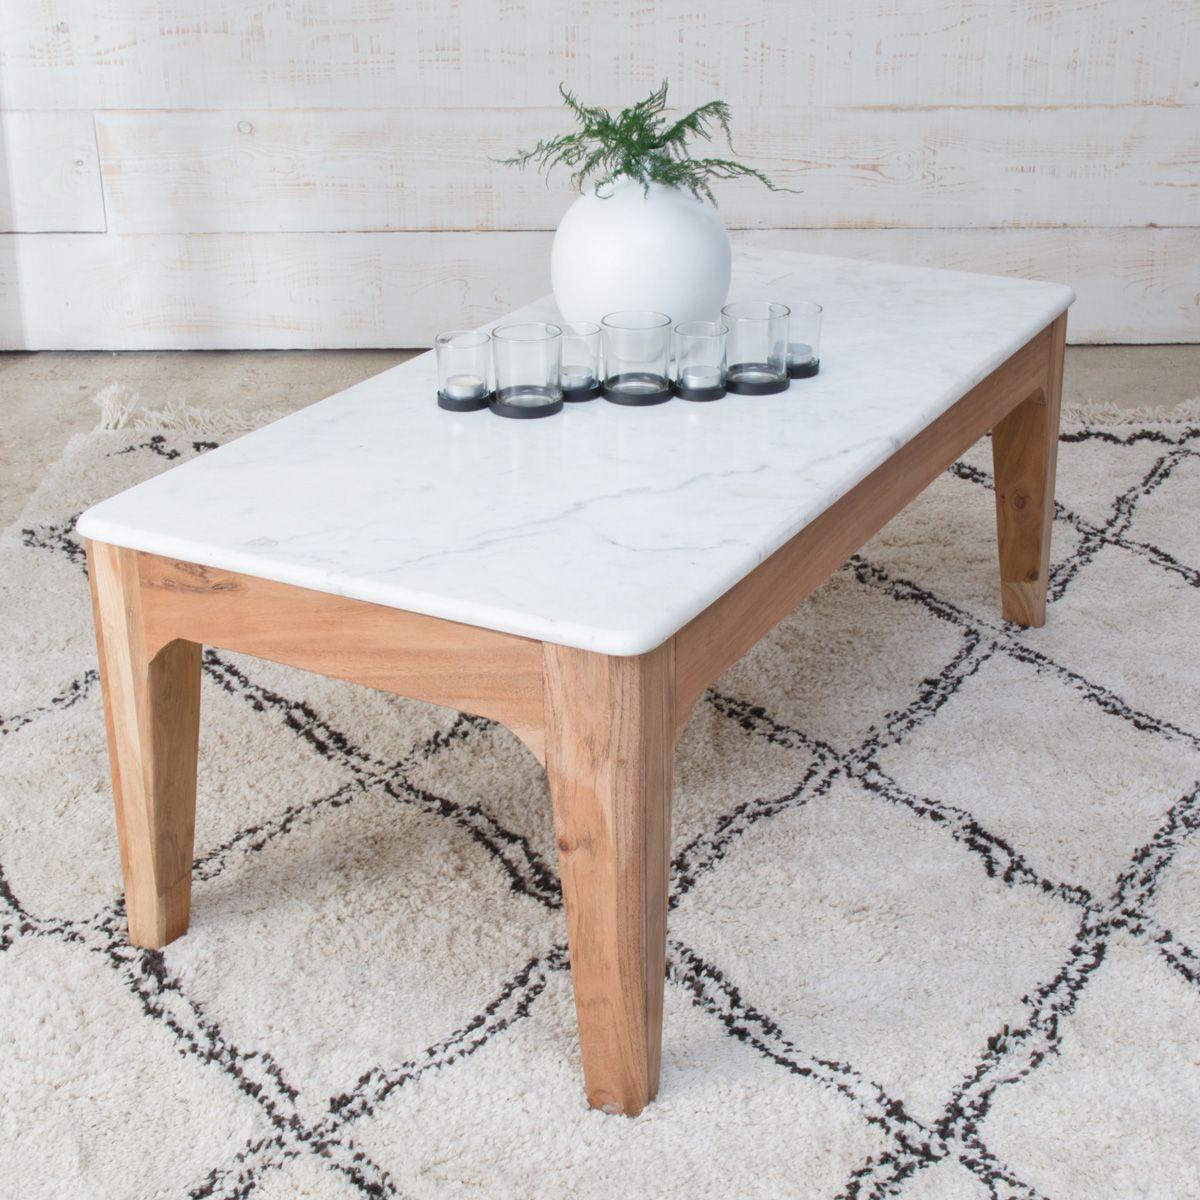 Table Basse Manguier Fonce Et Marbre Blanc B45 Taille Taille Unique Table Basse Marbre Blanc Table Basse Marbre Blanc